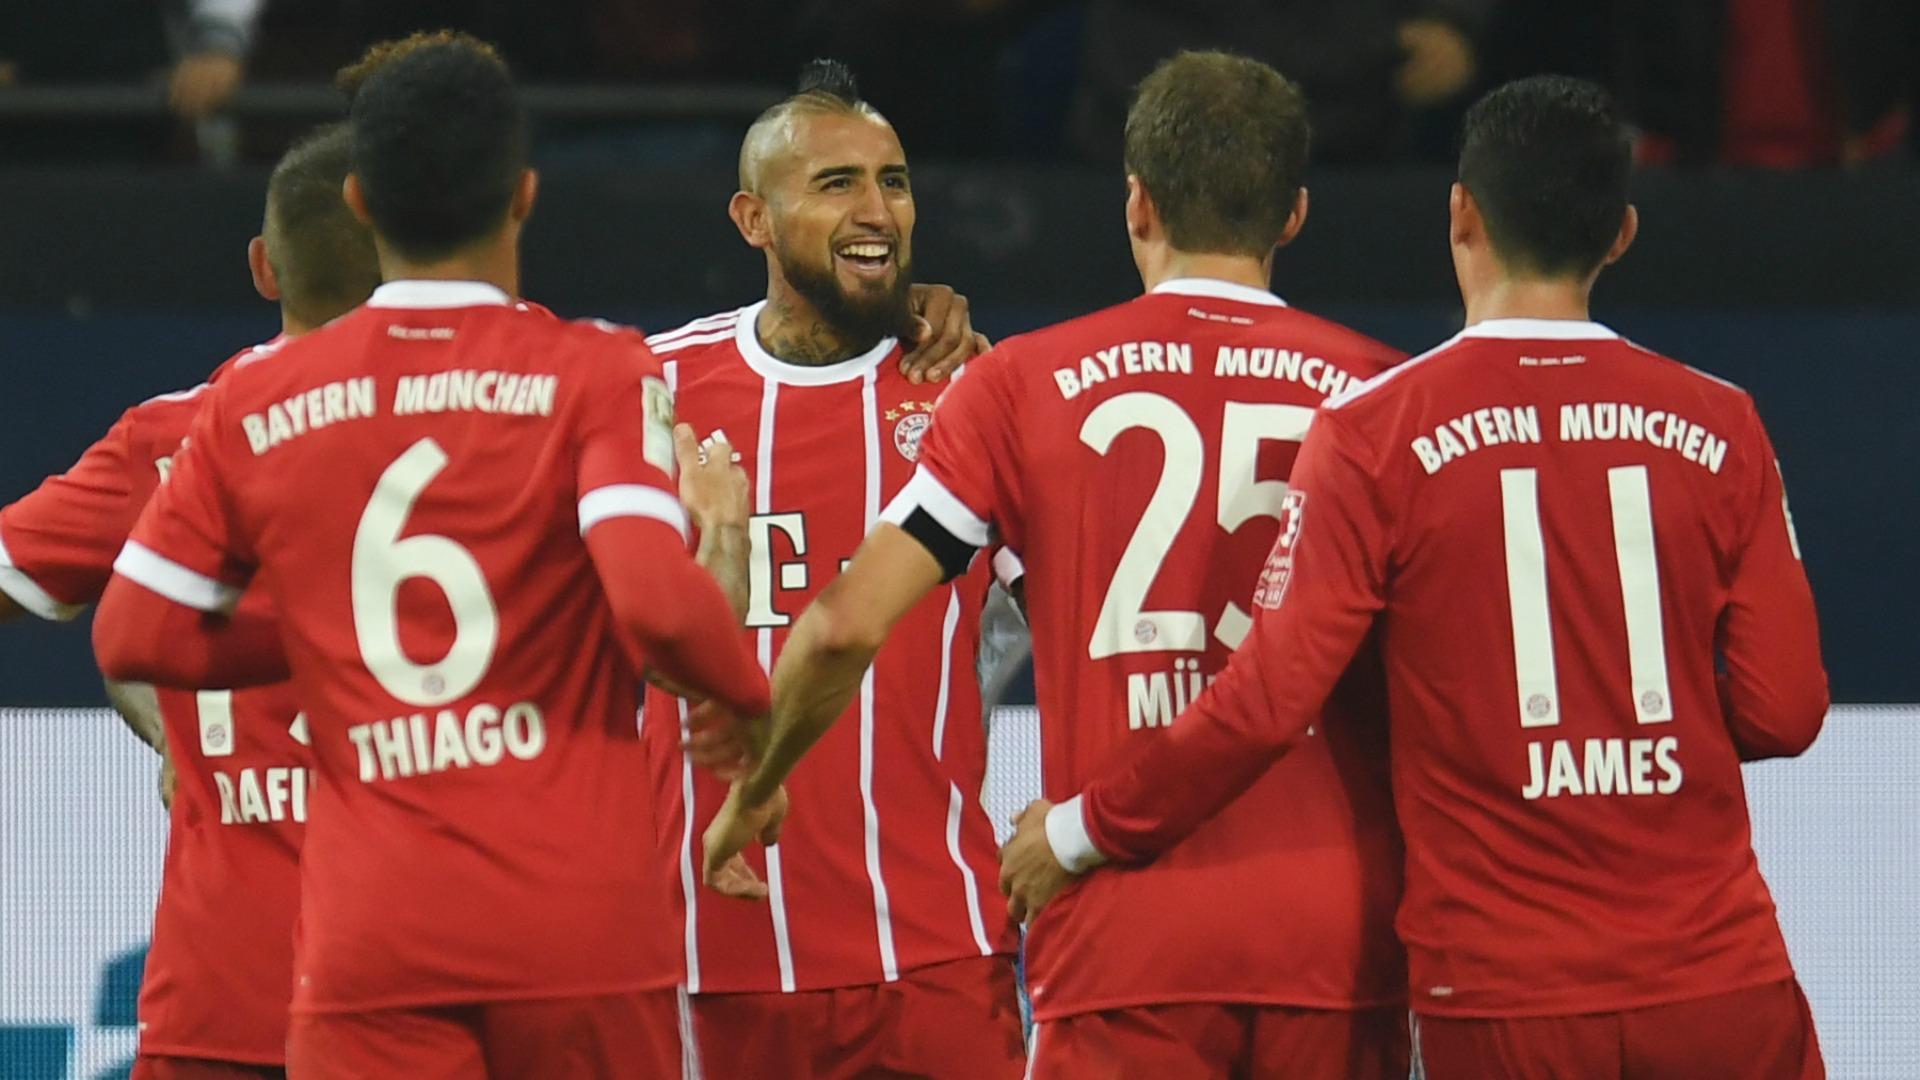 El Liverpool también saluda a Chile